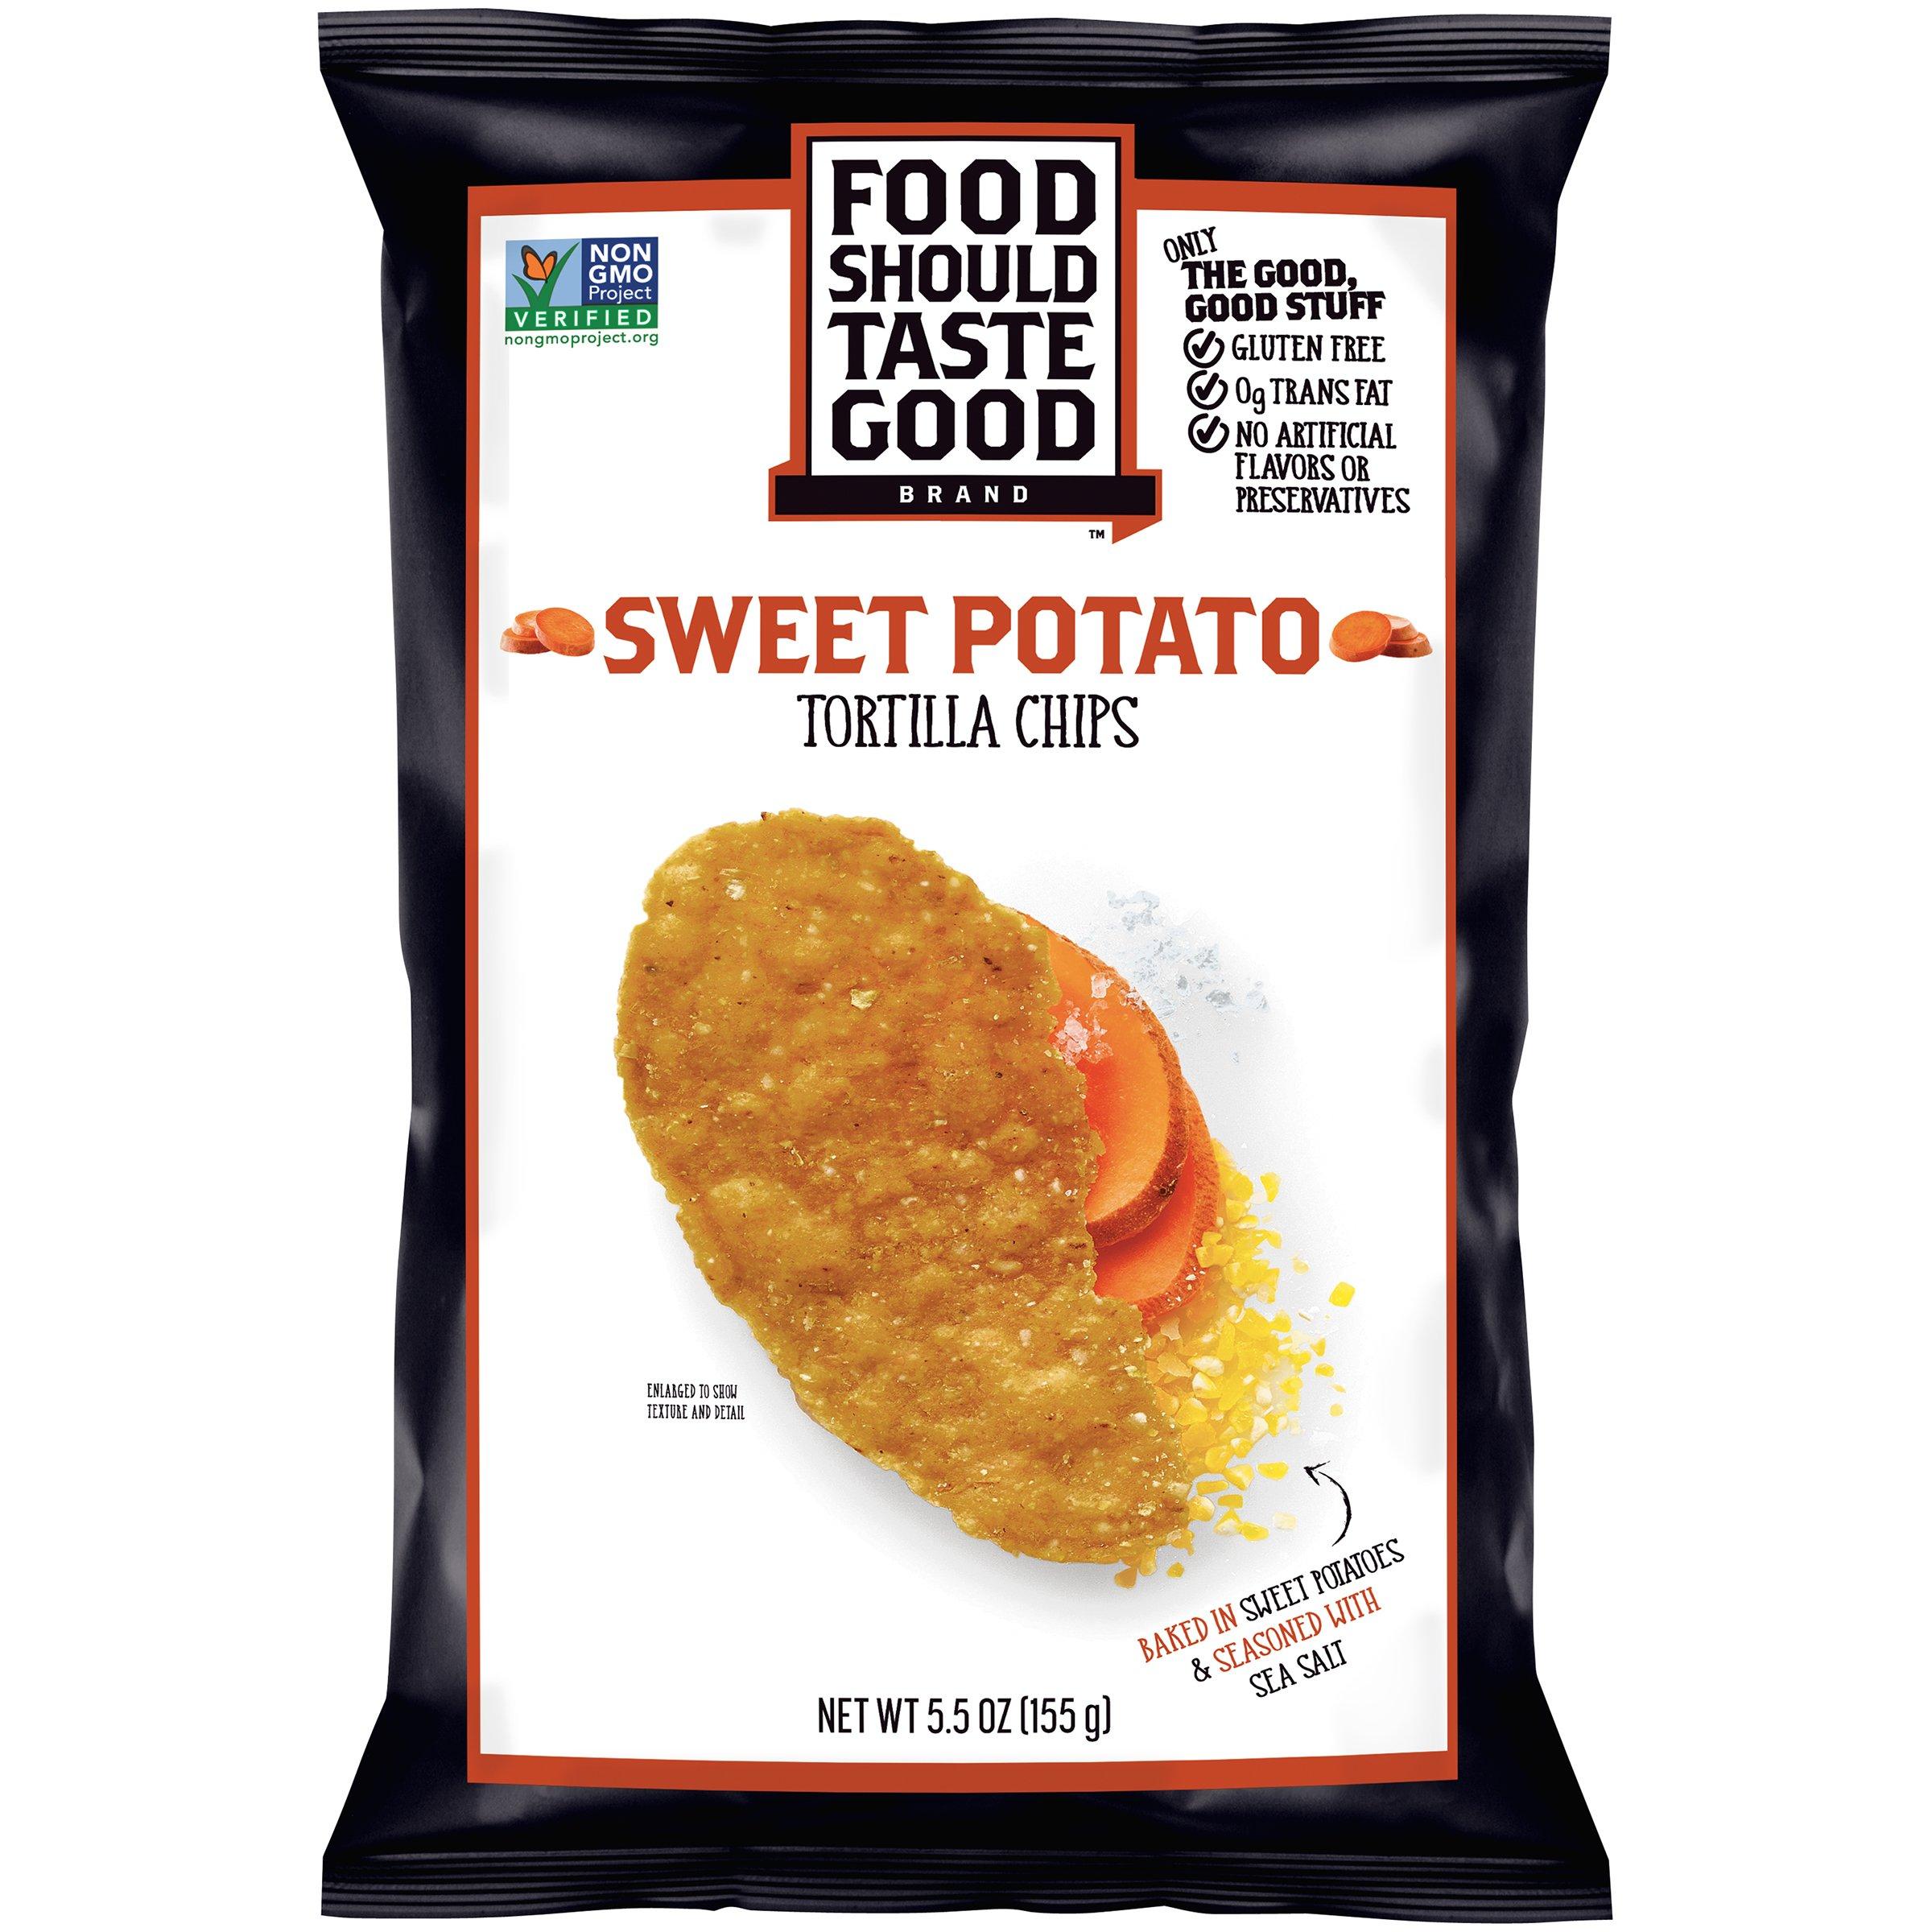 Food Should Taste Good BG13043 Food Should Taste Good Sweet Potato Tortilla chip - 12x5.5OZ